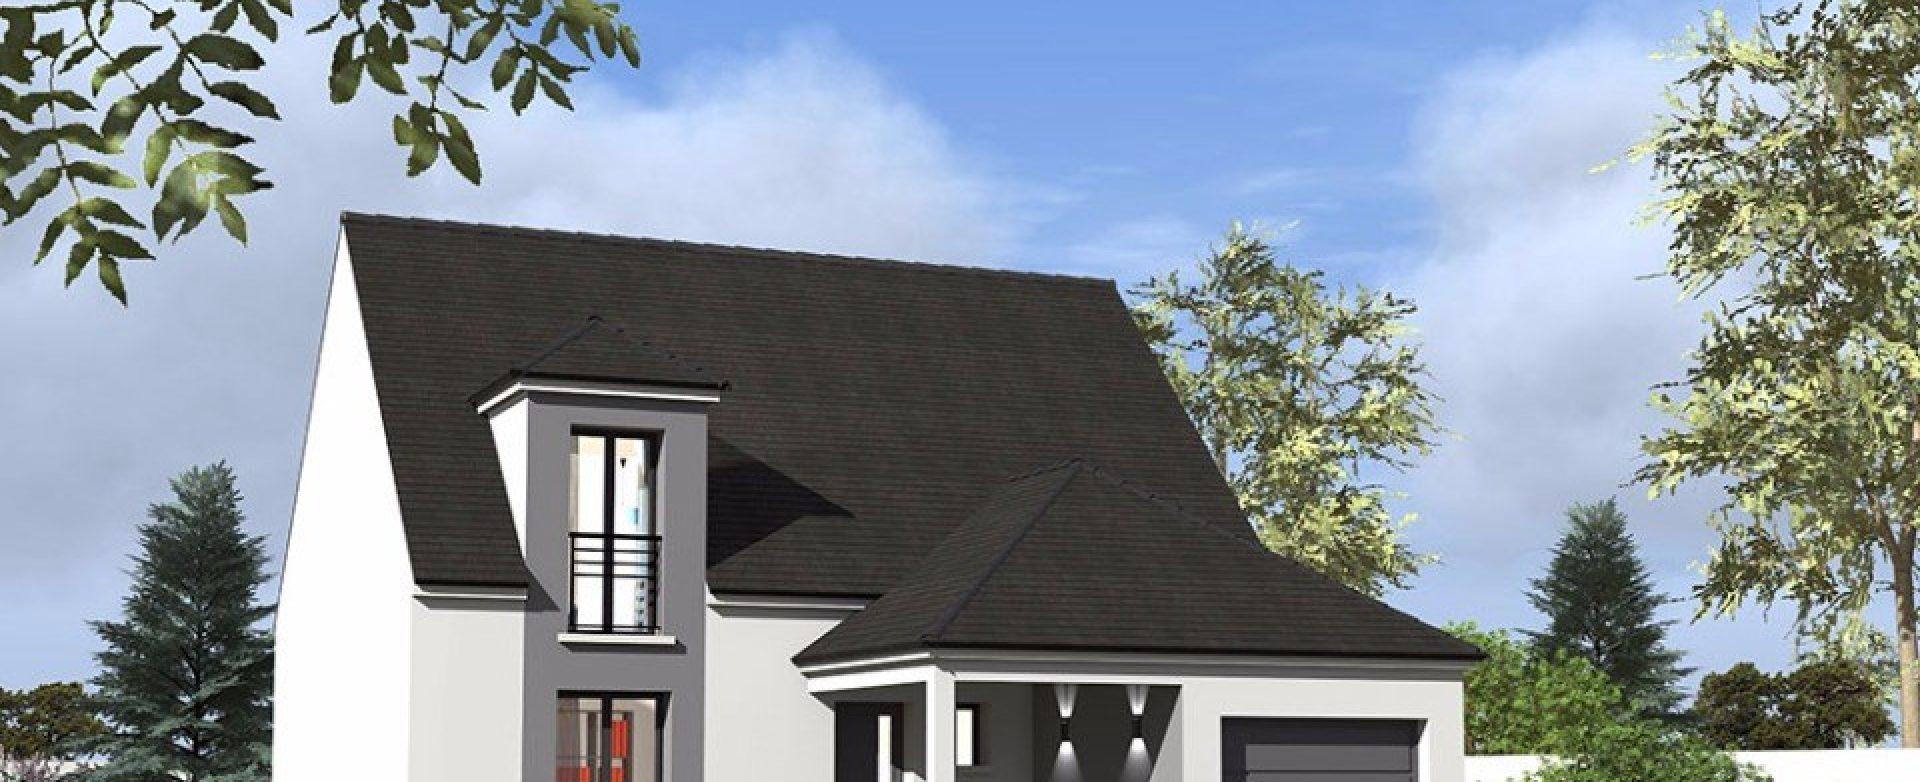 Maison neuve à Neauphle-le-Vieux (78640)